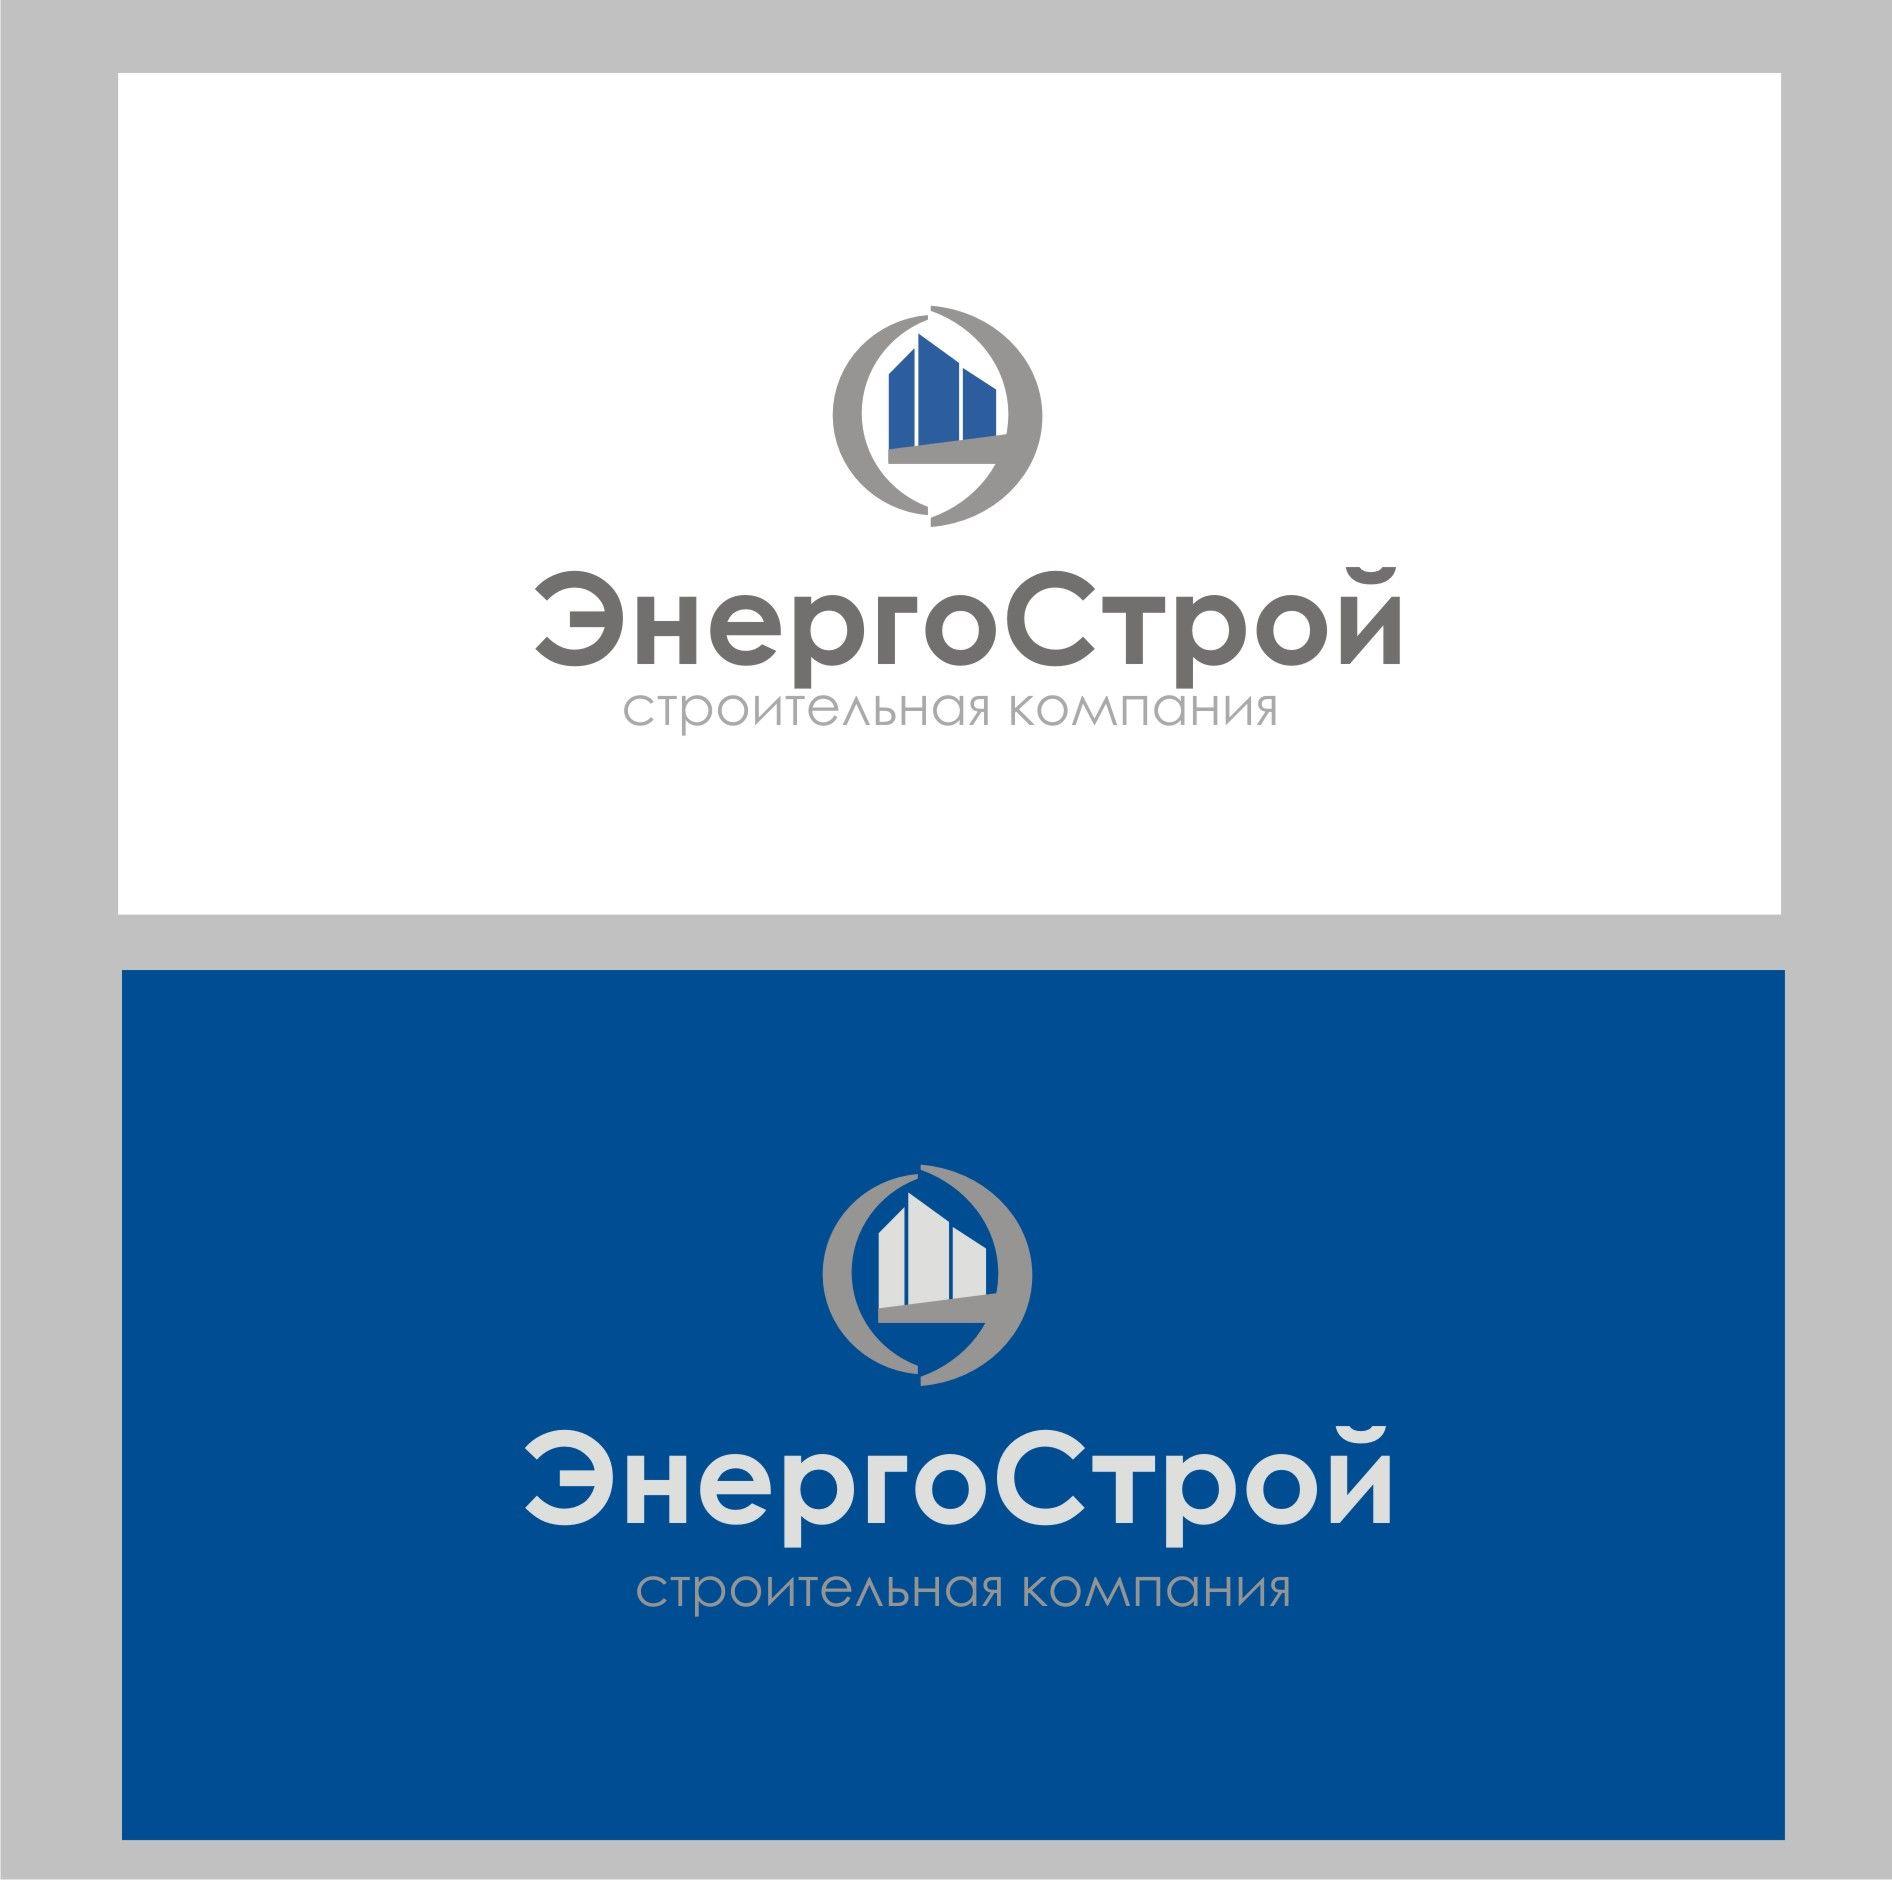 Фирменный стиль для компании ЭнергоСтрой - дизайнер dbyjuhfl